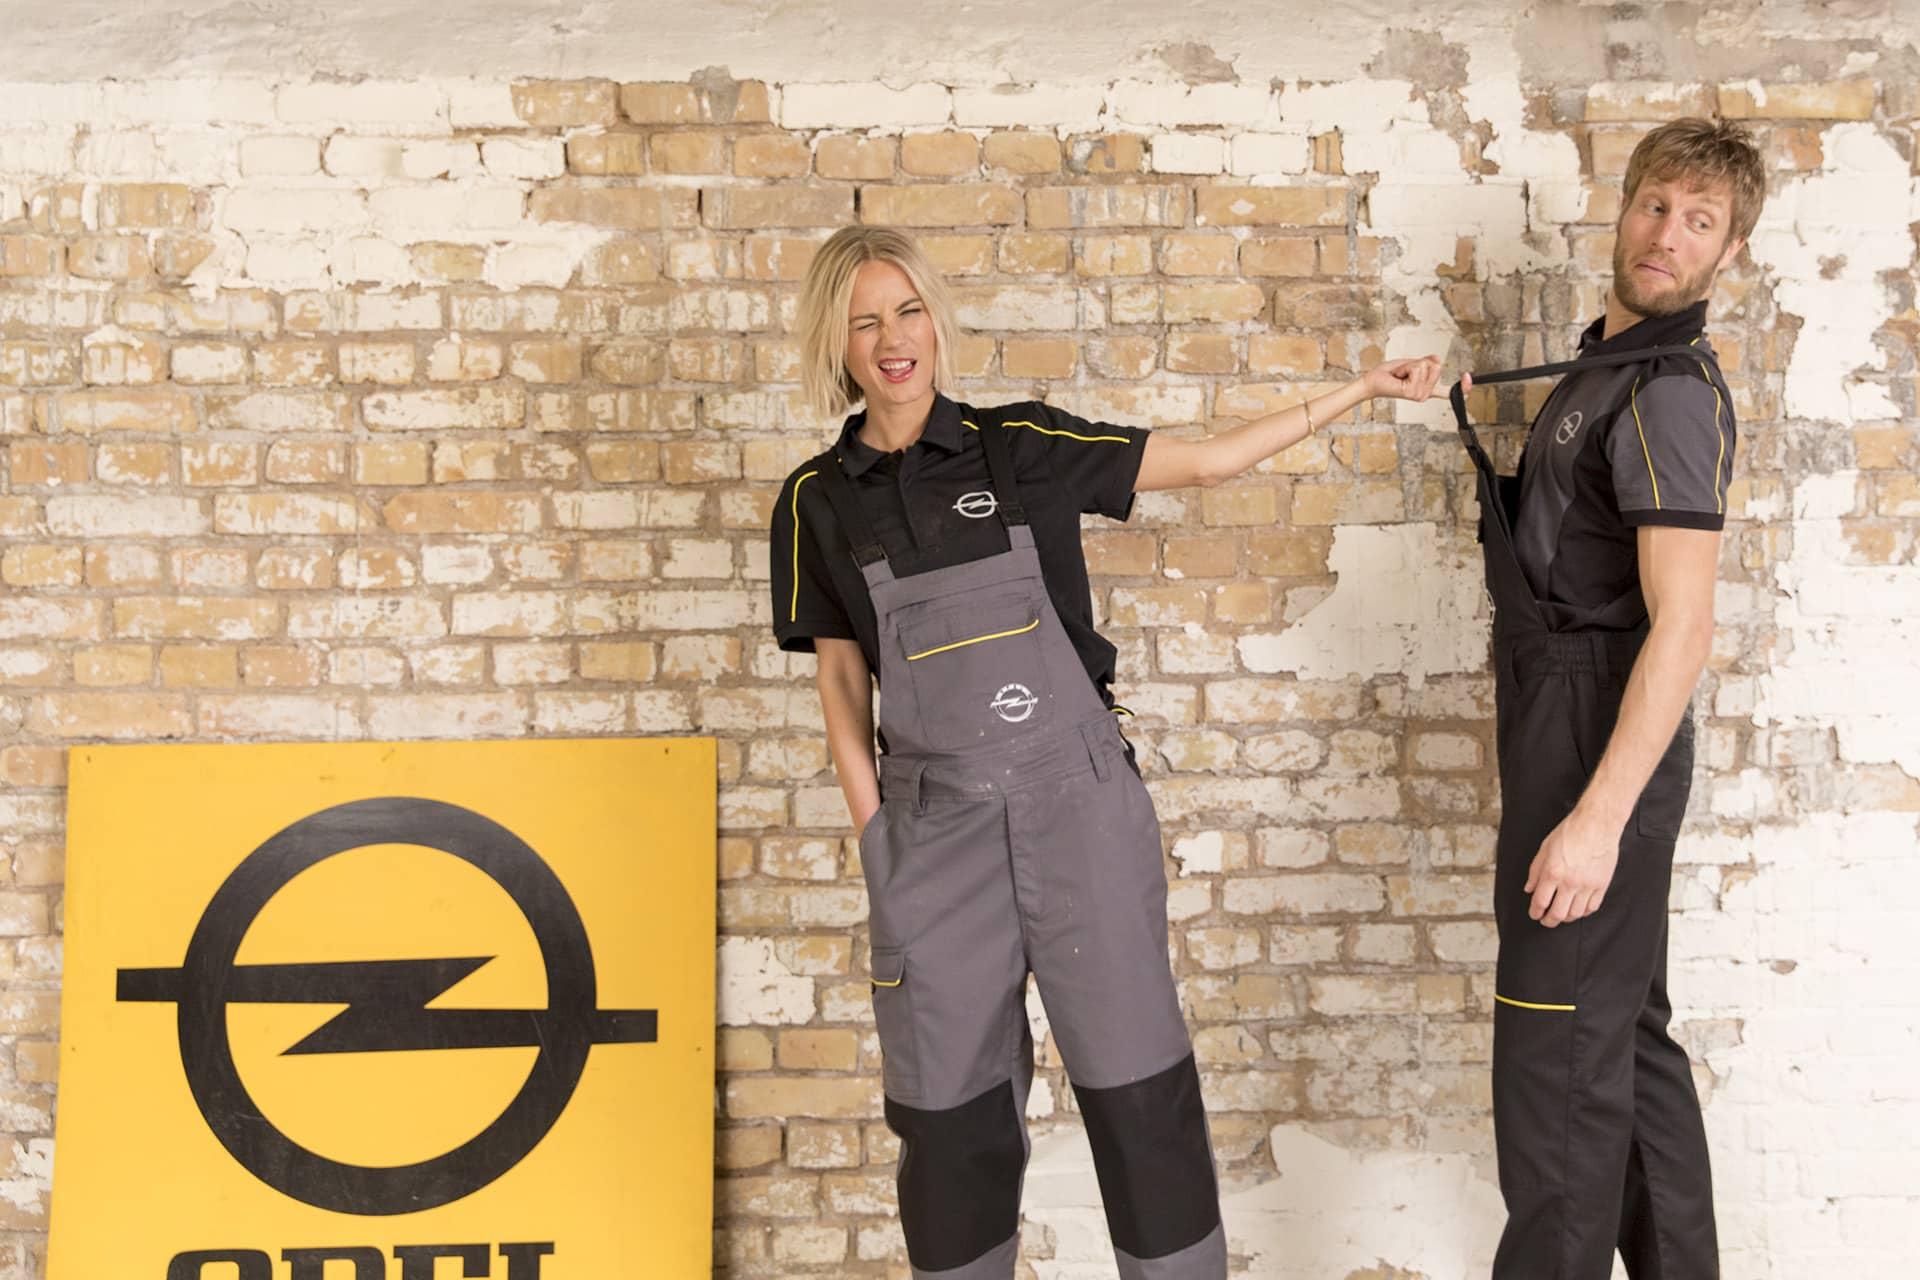 Menschen die Opel Workwear tragen